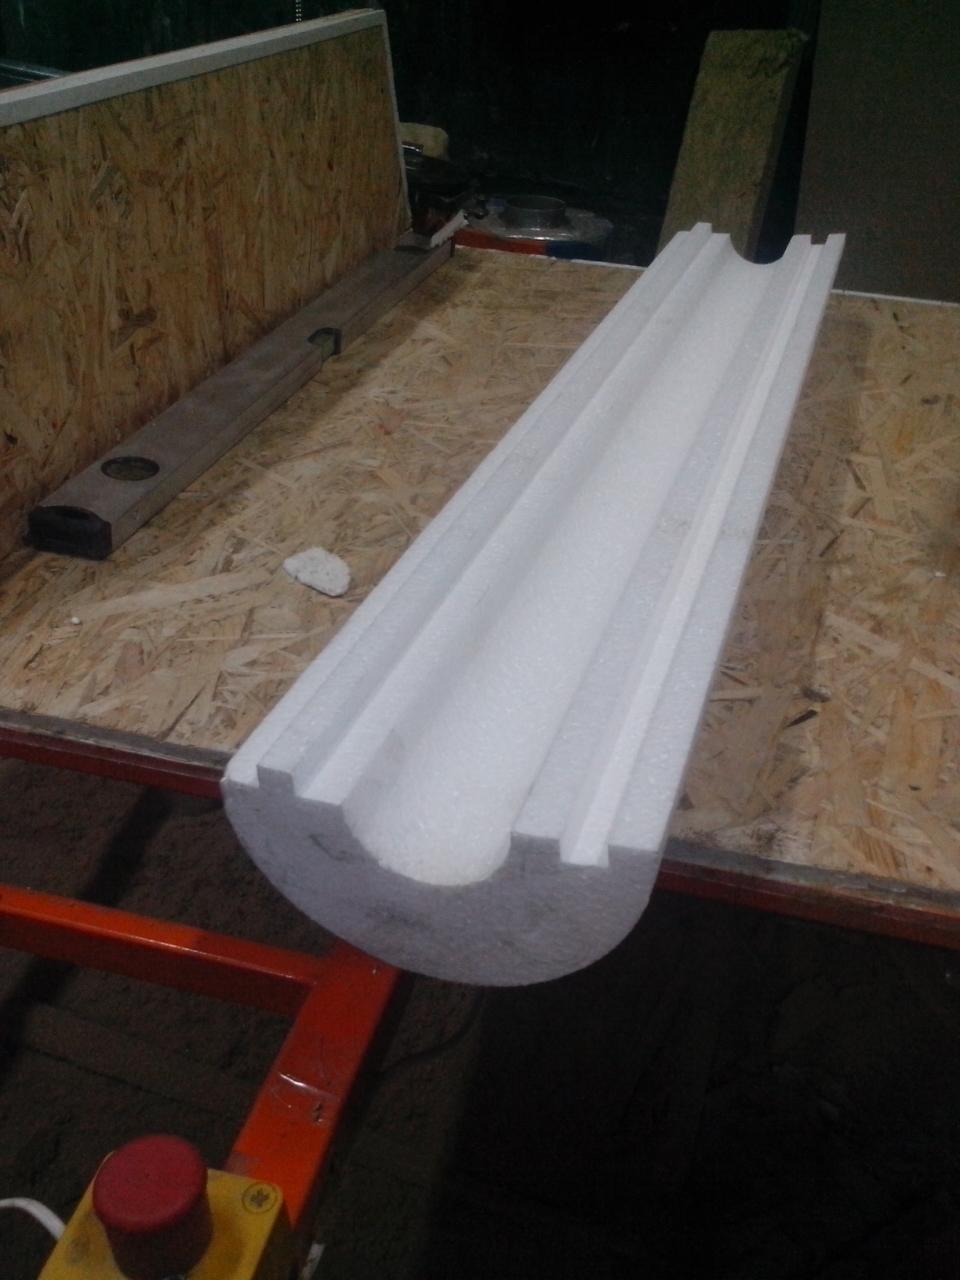 Утеплитель из пенопласта (пенополистирола) для труб Ø 57 мм толщиной 40 мм